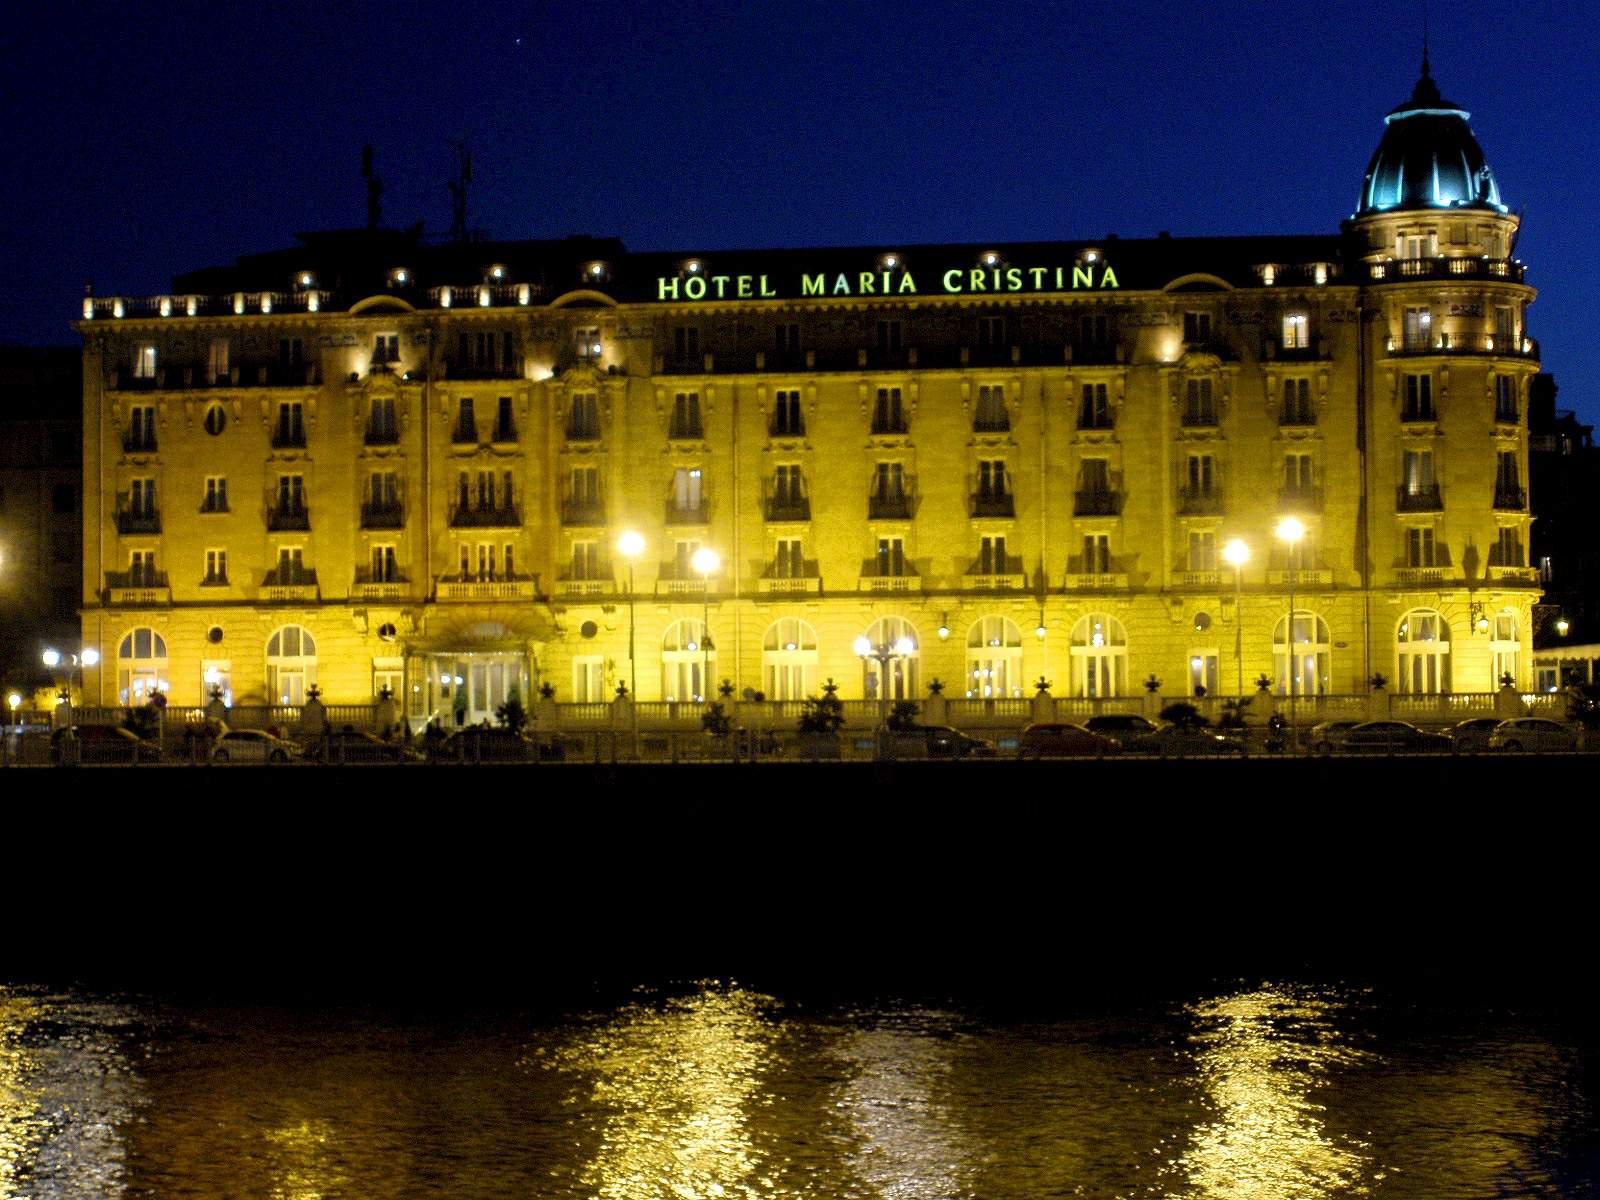 Http Www Hotel Schmelting Reken De Index Php Restaurantzeiten